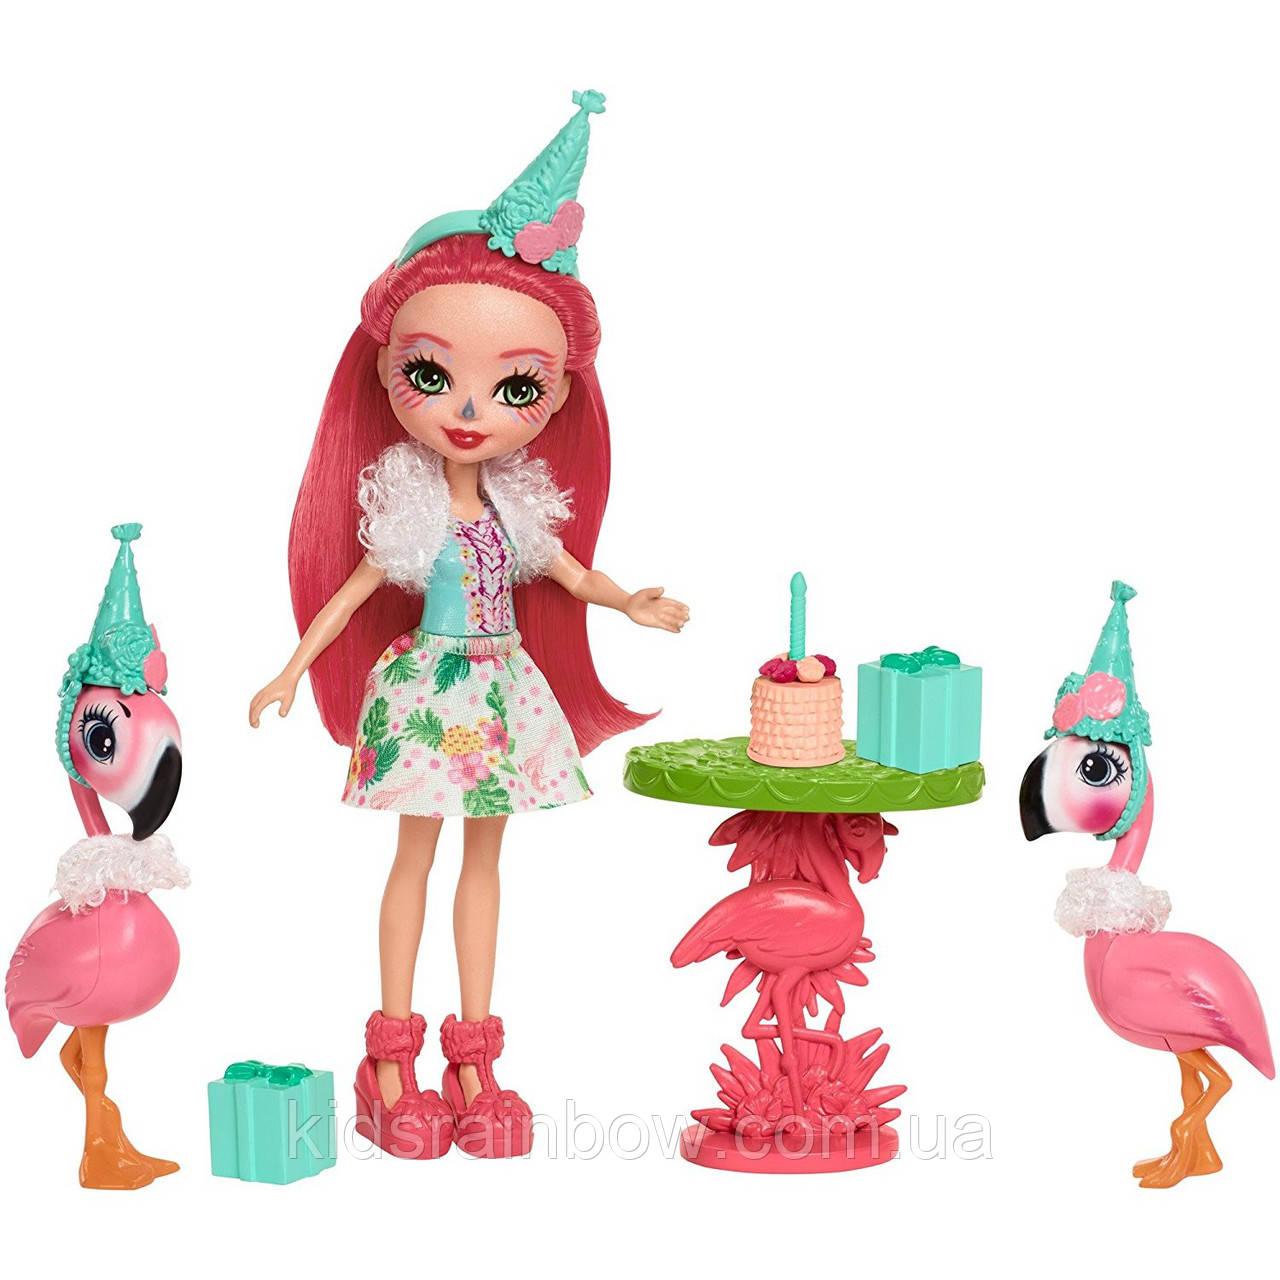 Набор Развлечения на природе Праздник Фламинго Enchantimals